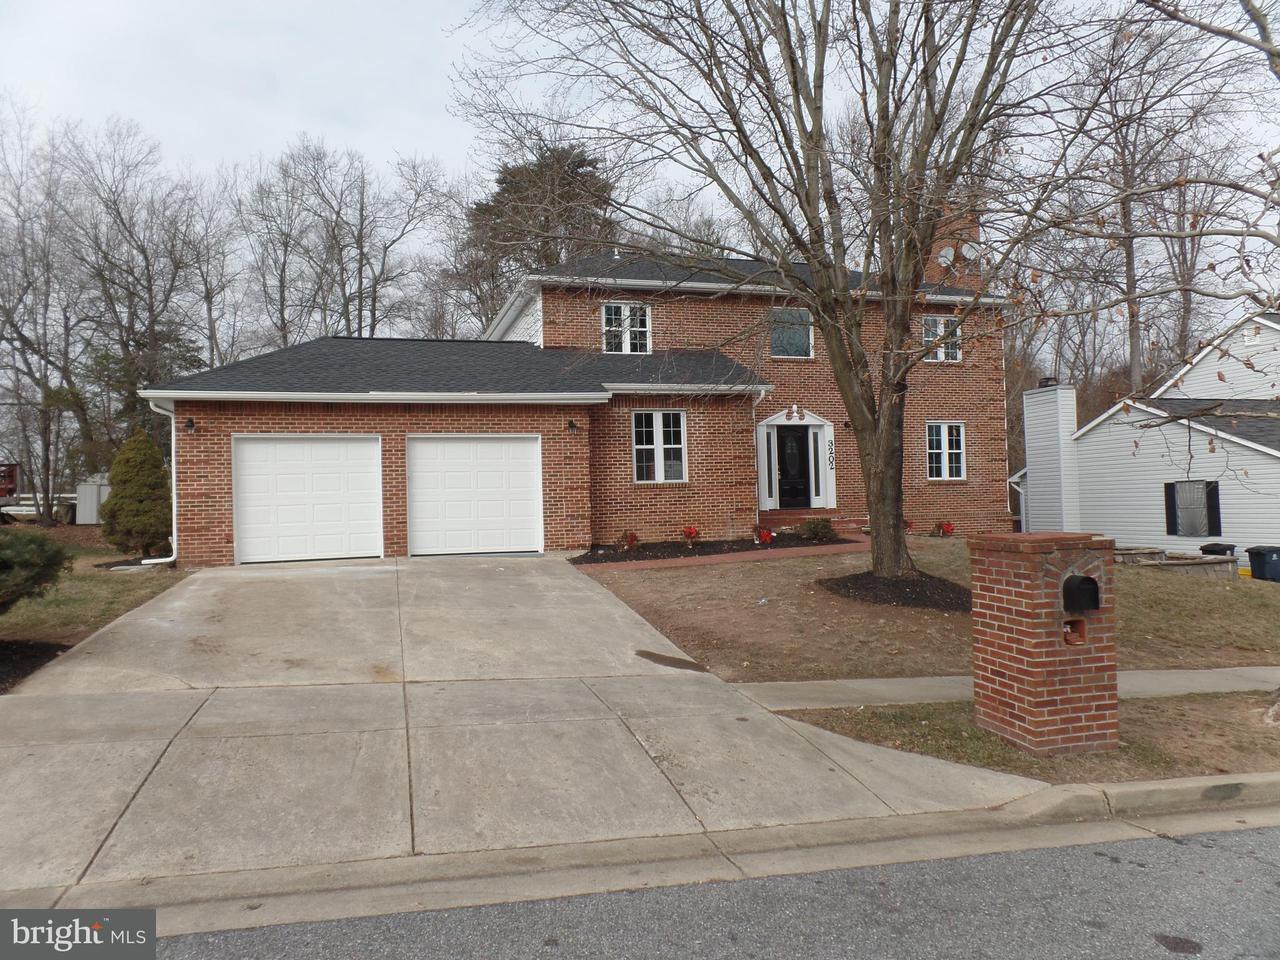 Single Family Home for Sale at 3202 SHEKHAR Court 3202 SHEKHAR Court Landover, Maryland 20785 United States